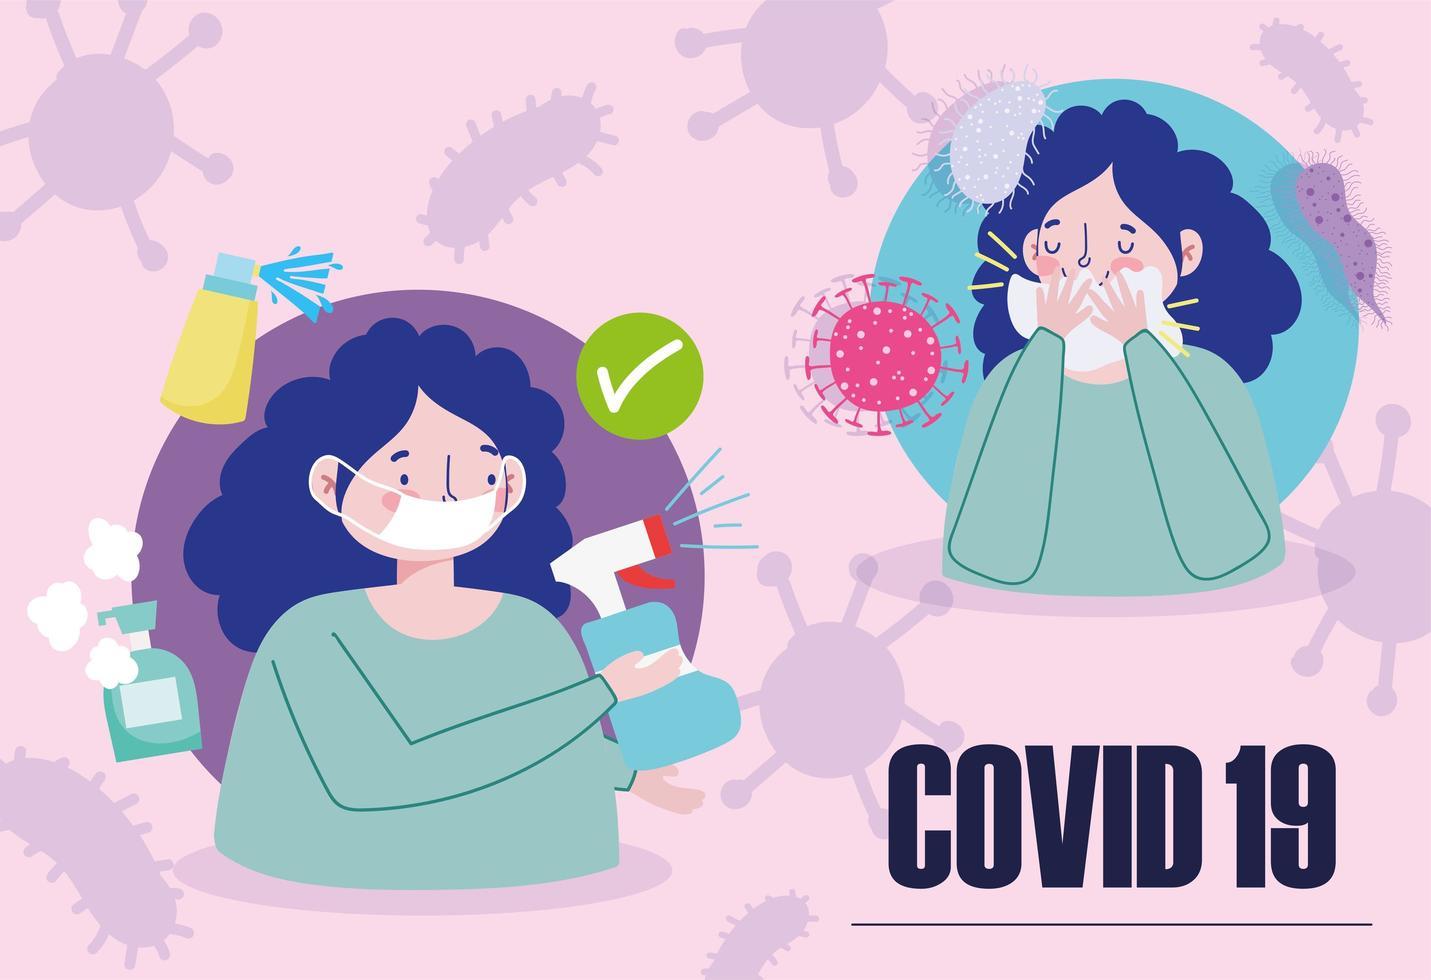 affiche de coronavirus avec femme désinfectant et couvrant la bouche vecteur